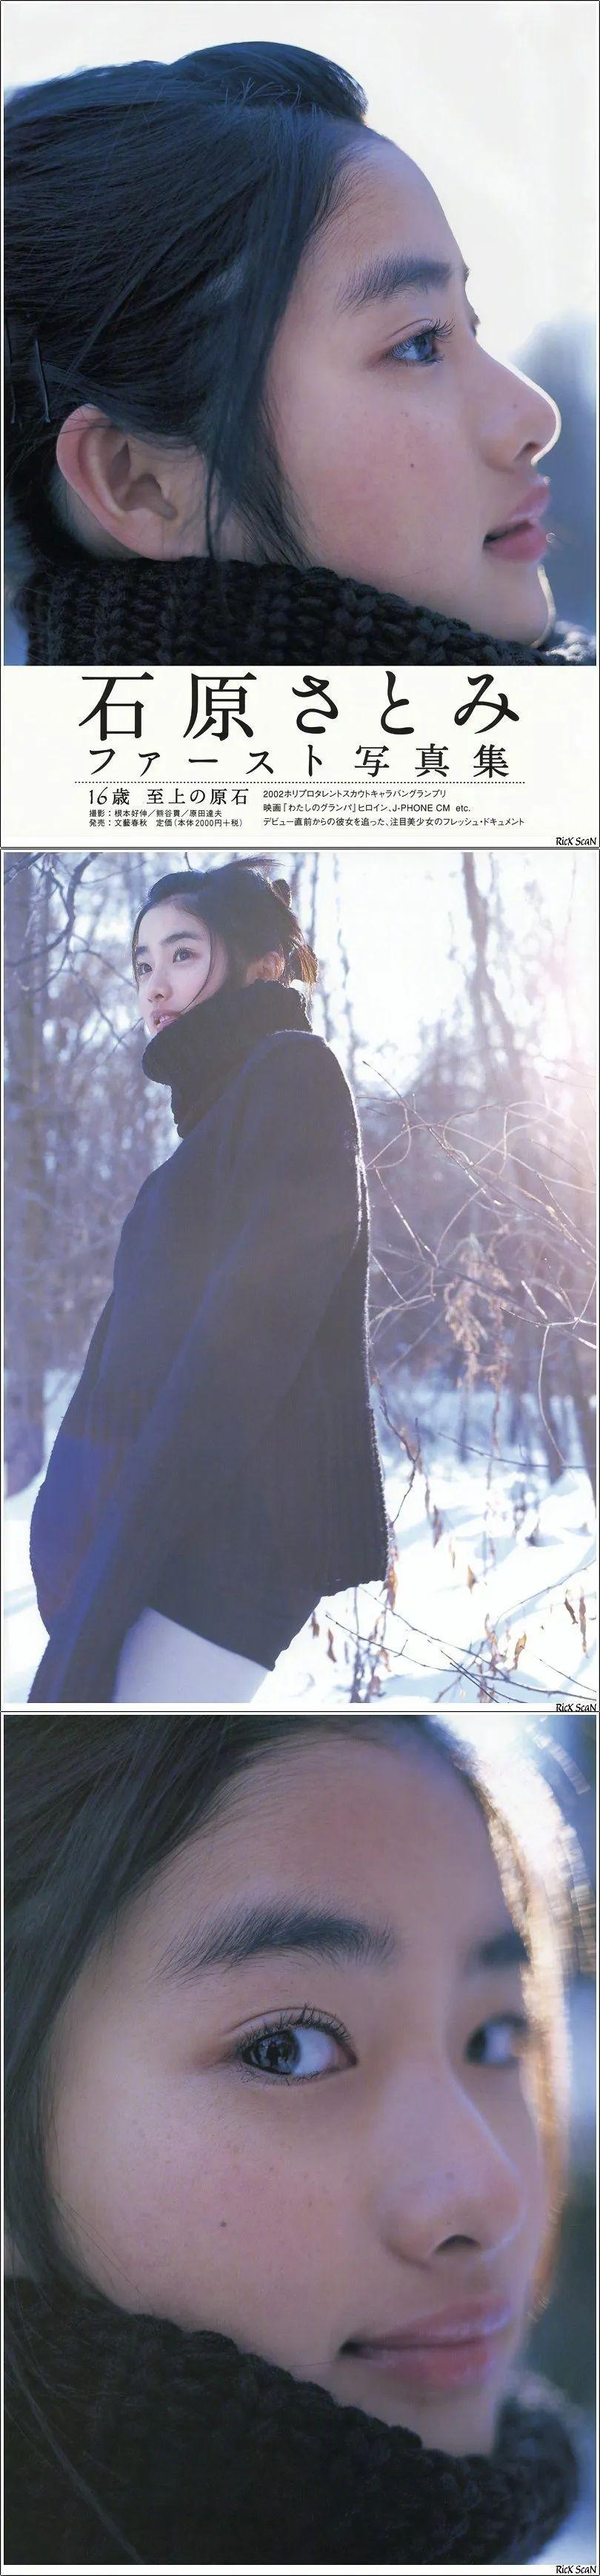 石原里美 16岁时的写真_图片 No.2